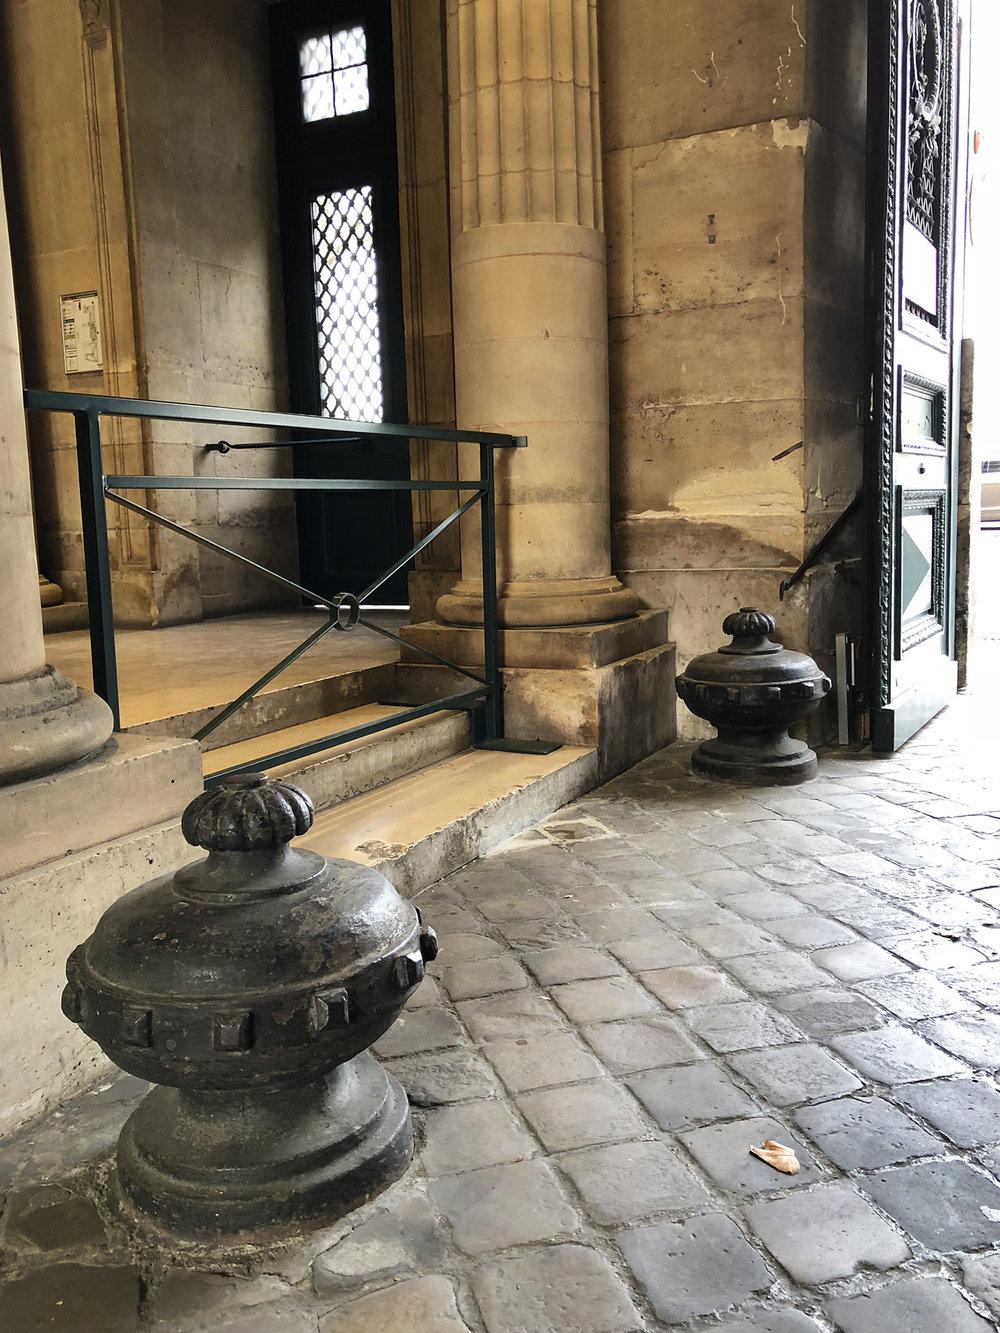 Entrance to Monnaie de Paris, quai de Conti